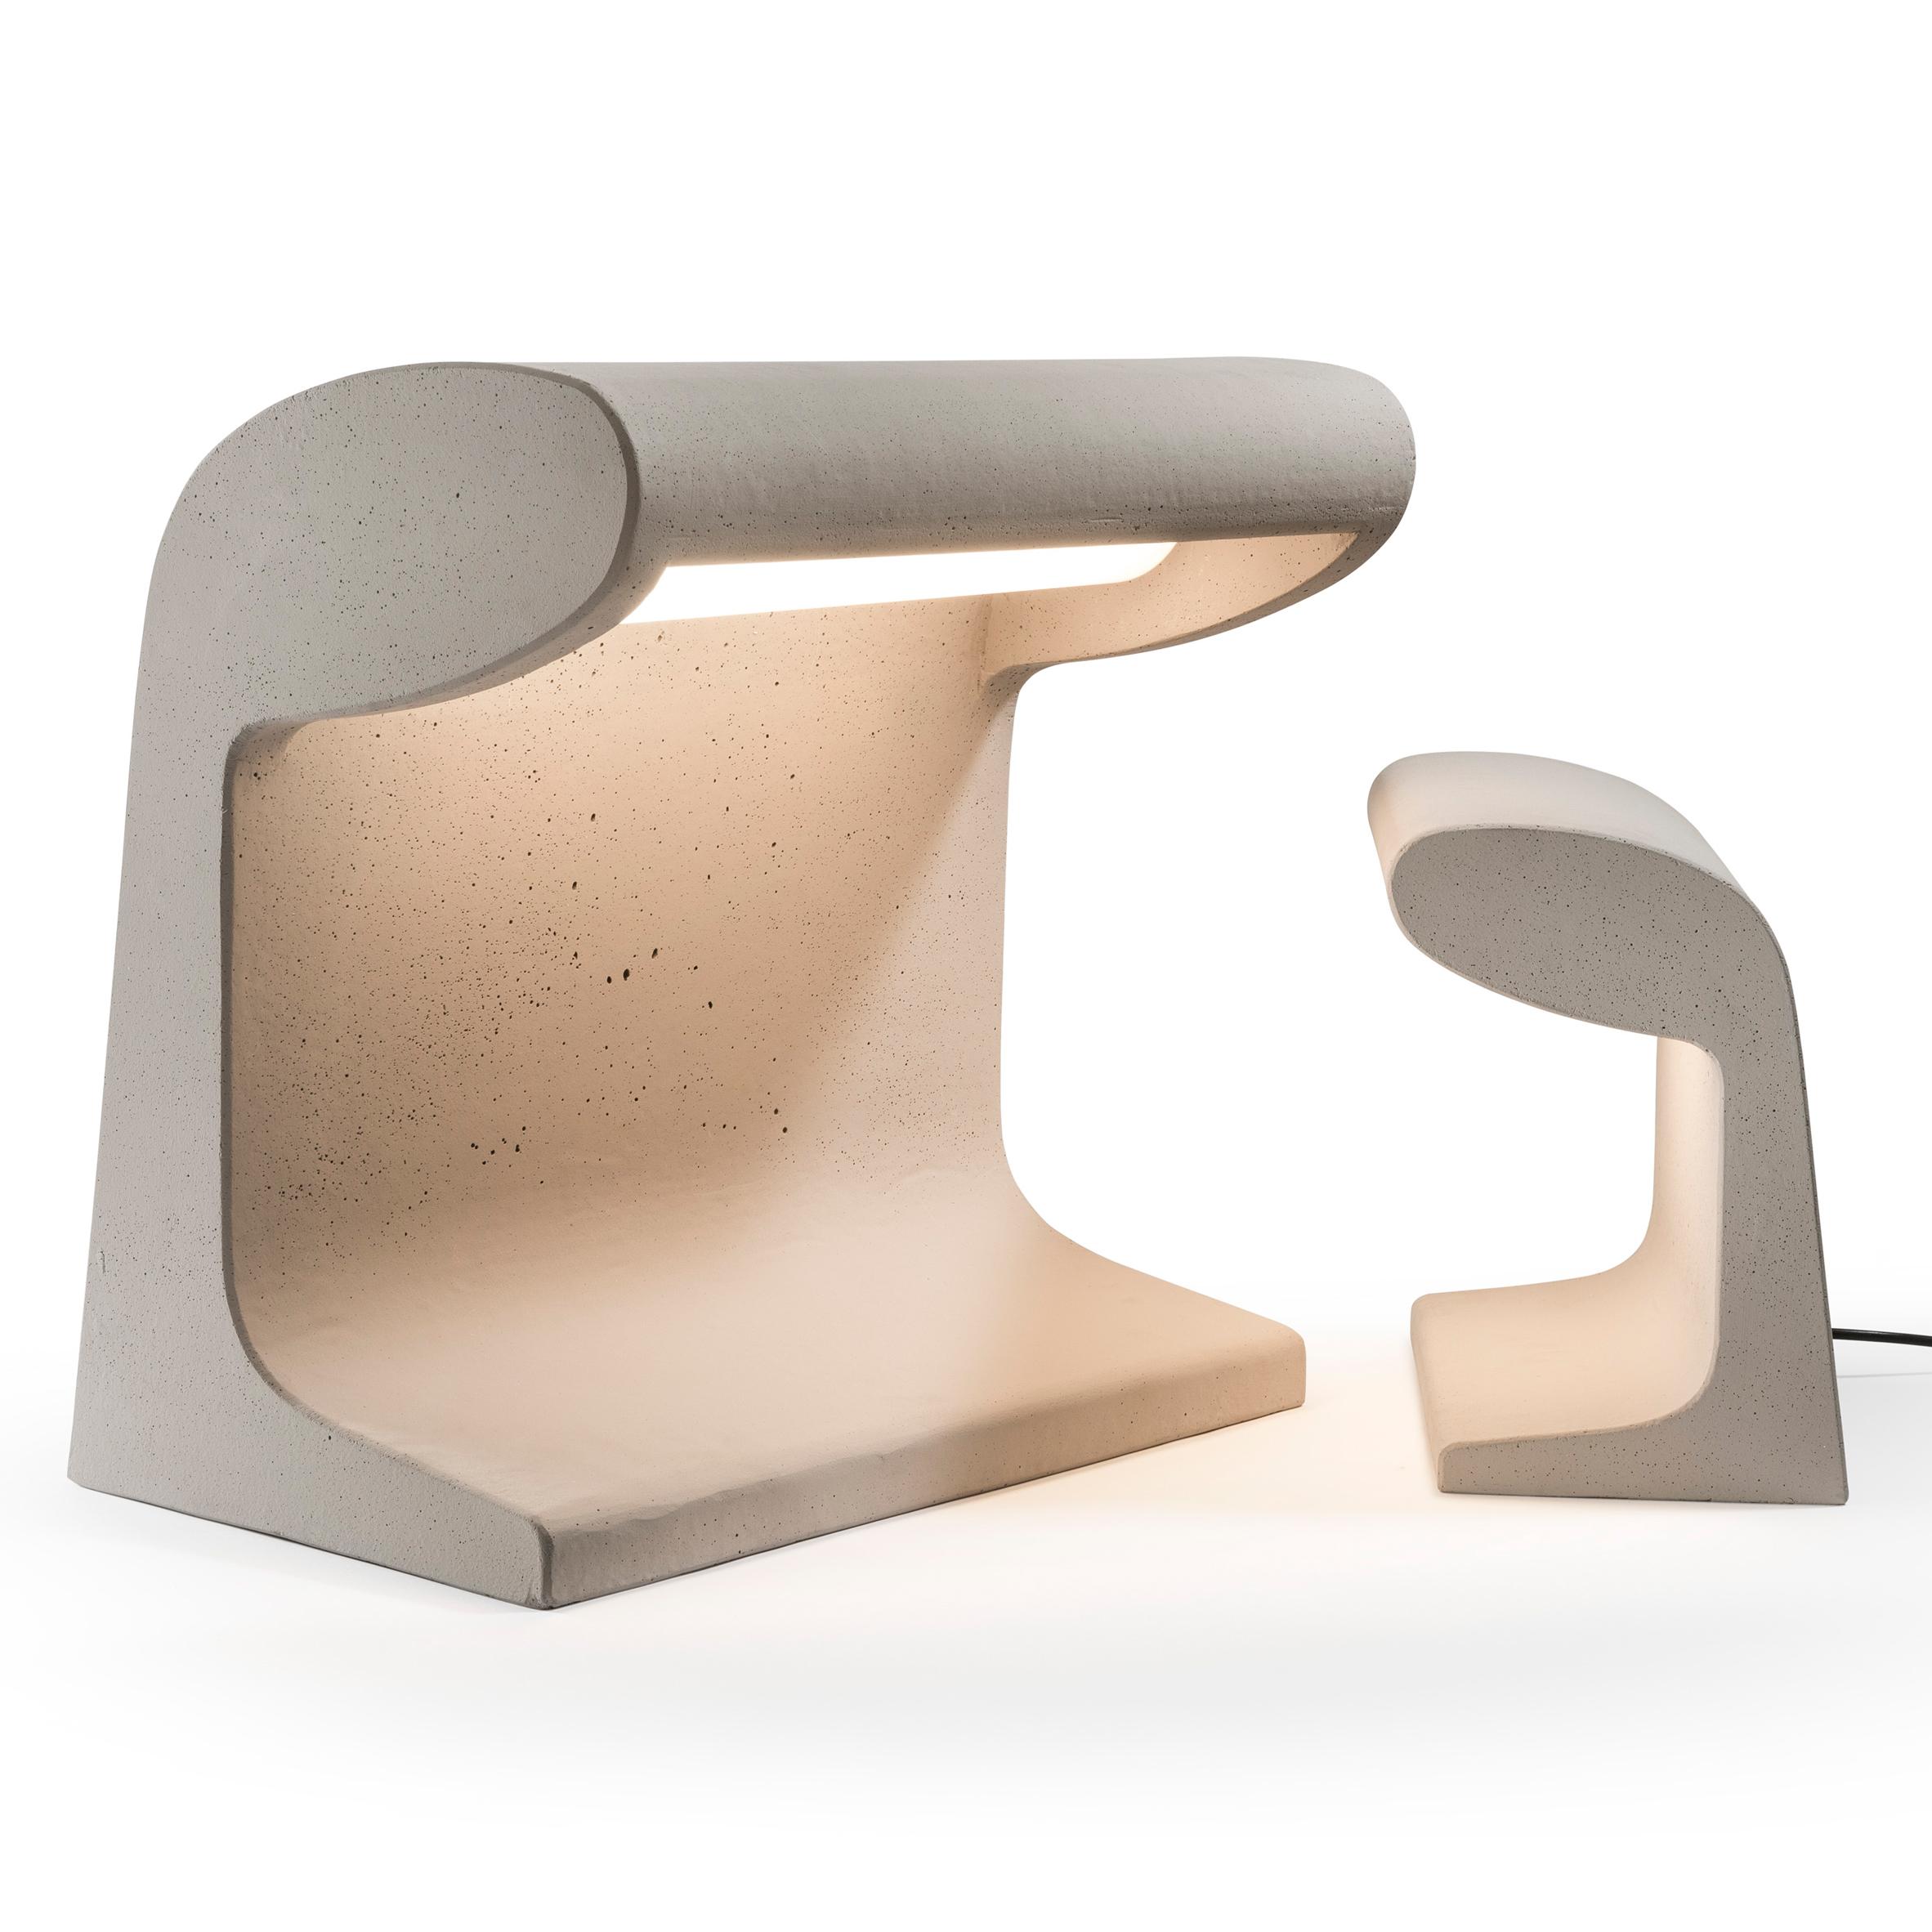 Dezeen's top 10 classic furniture designs reissued in 2016